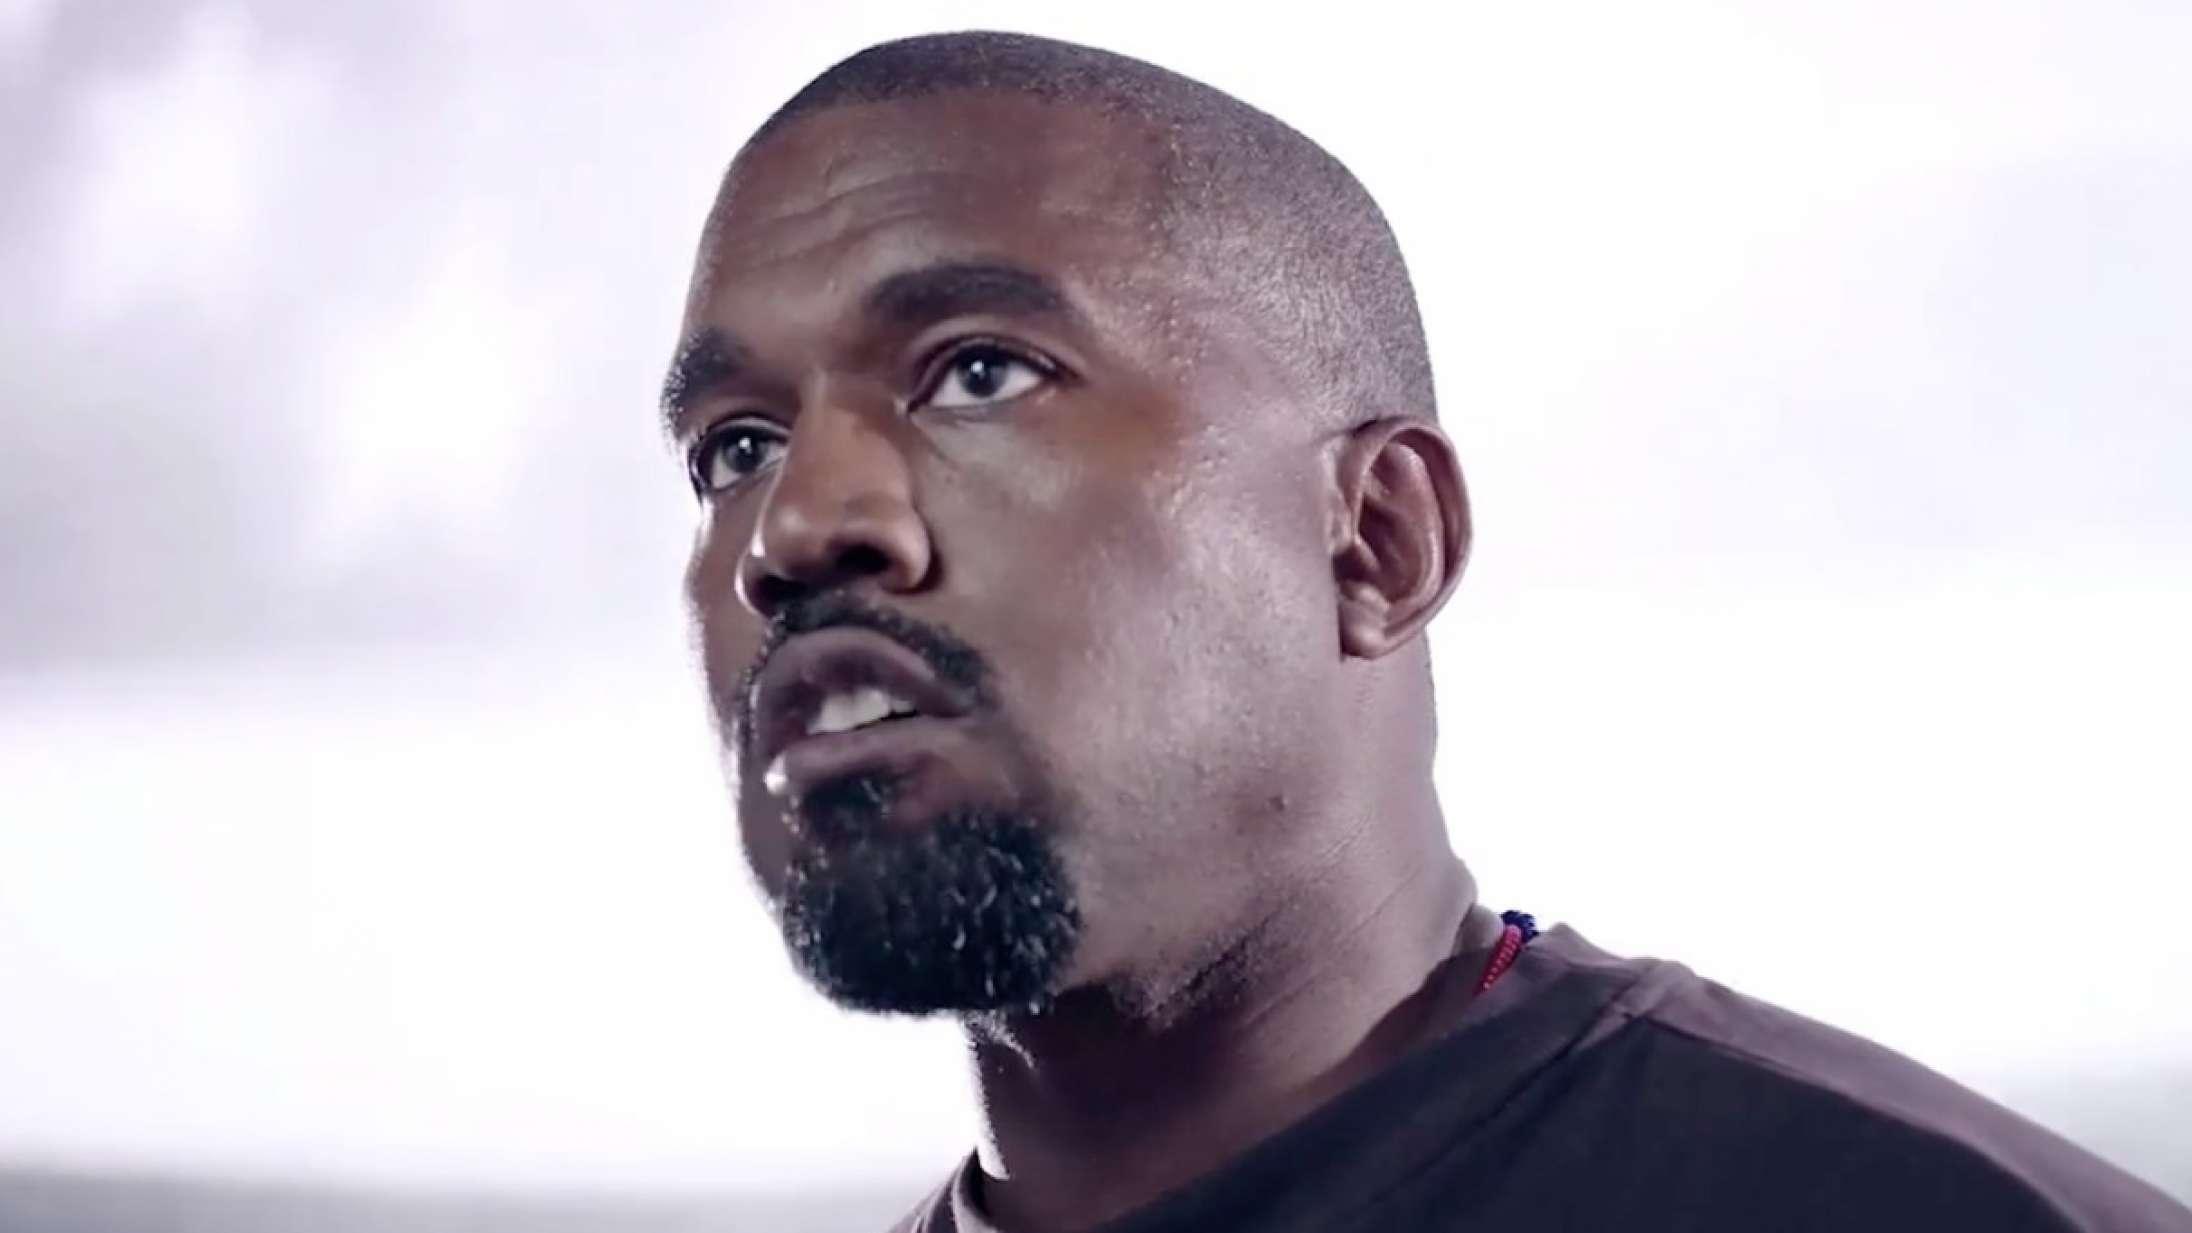 Vi har hørt den tre timer lange Kanye West-podcast, så du ikke behøver – her er de vigtigste citater